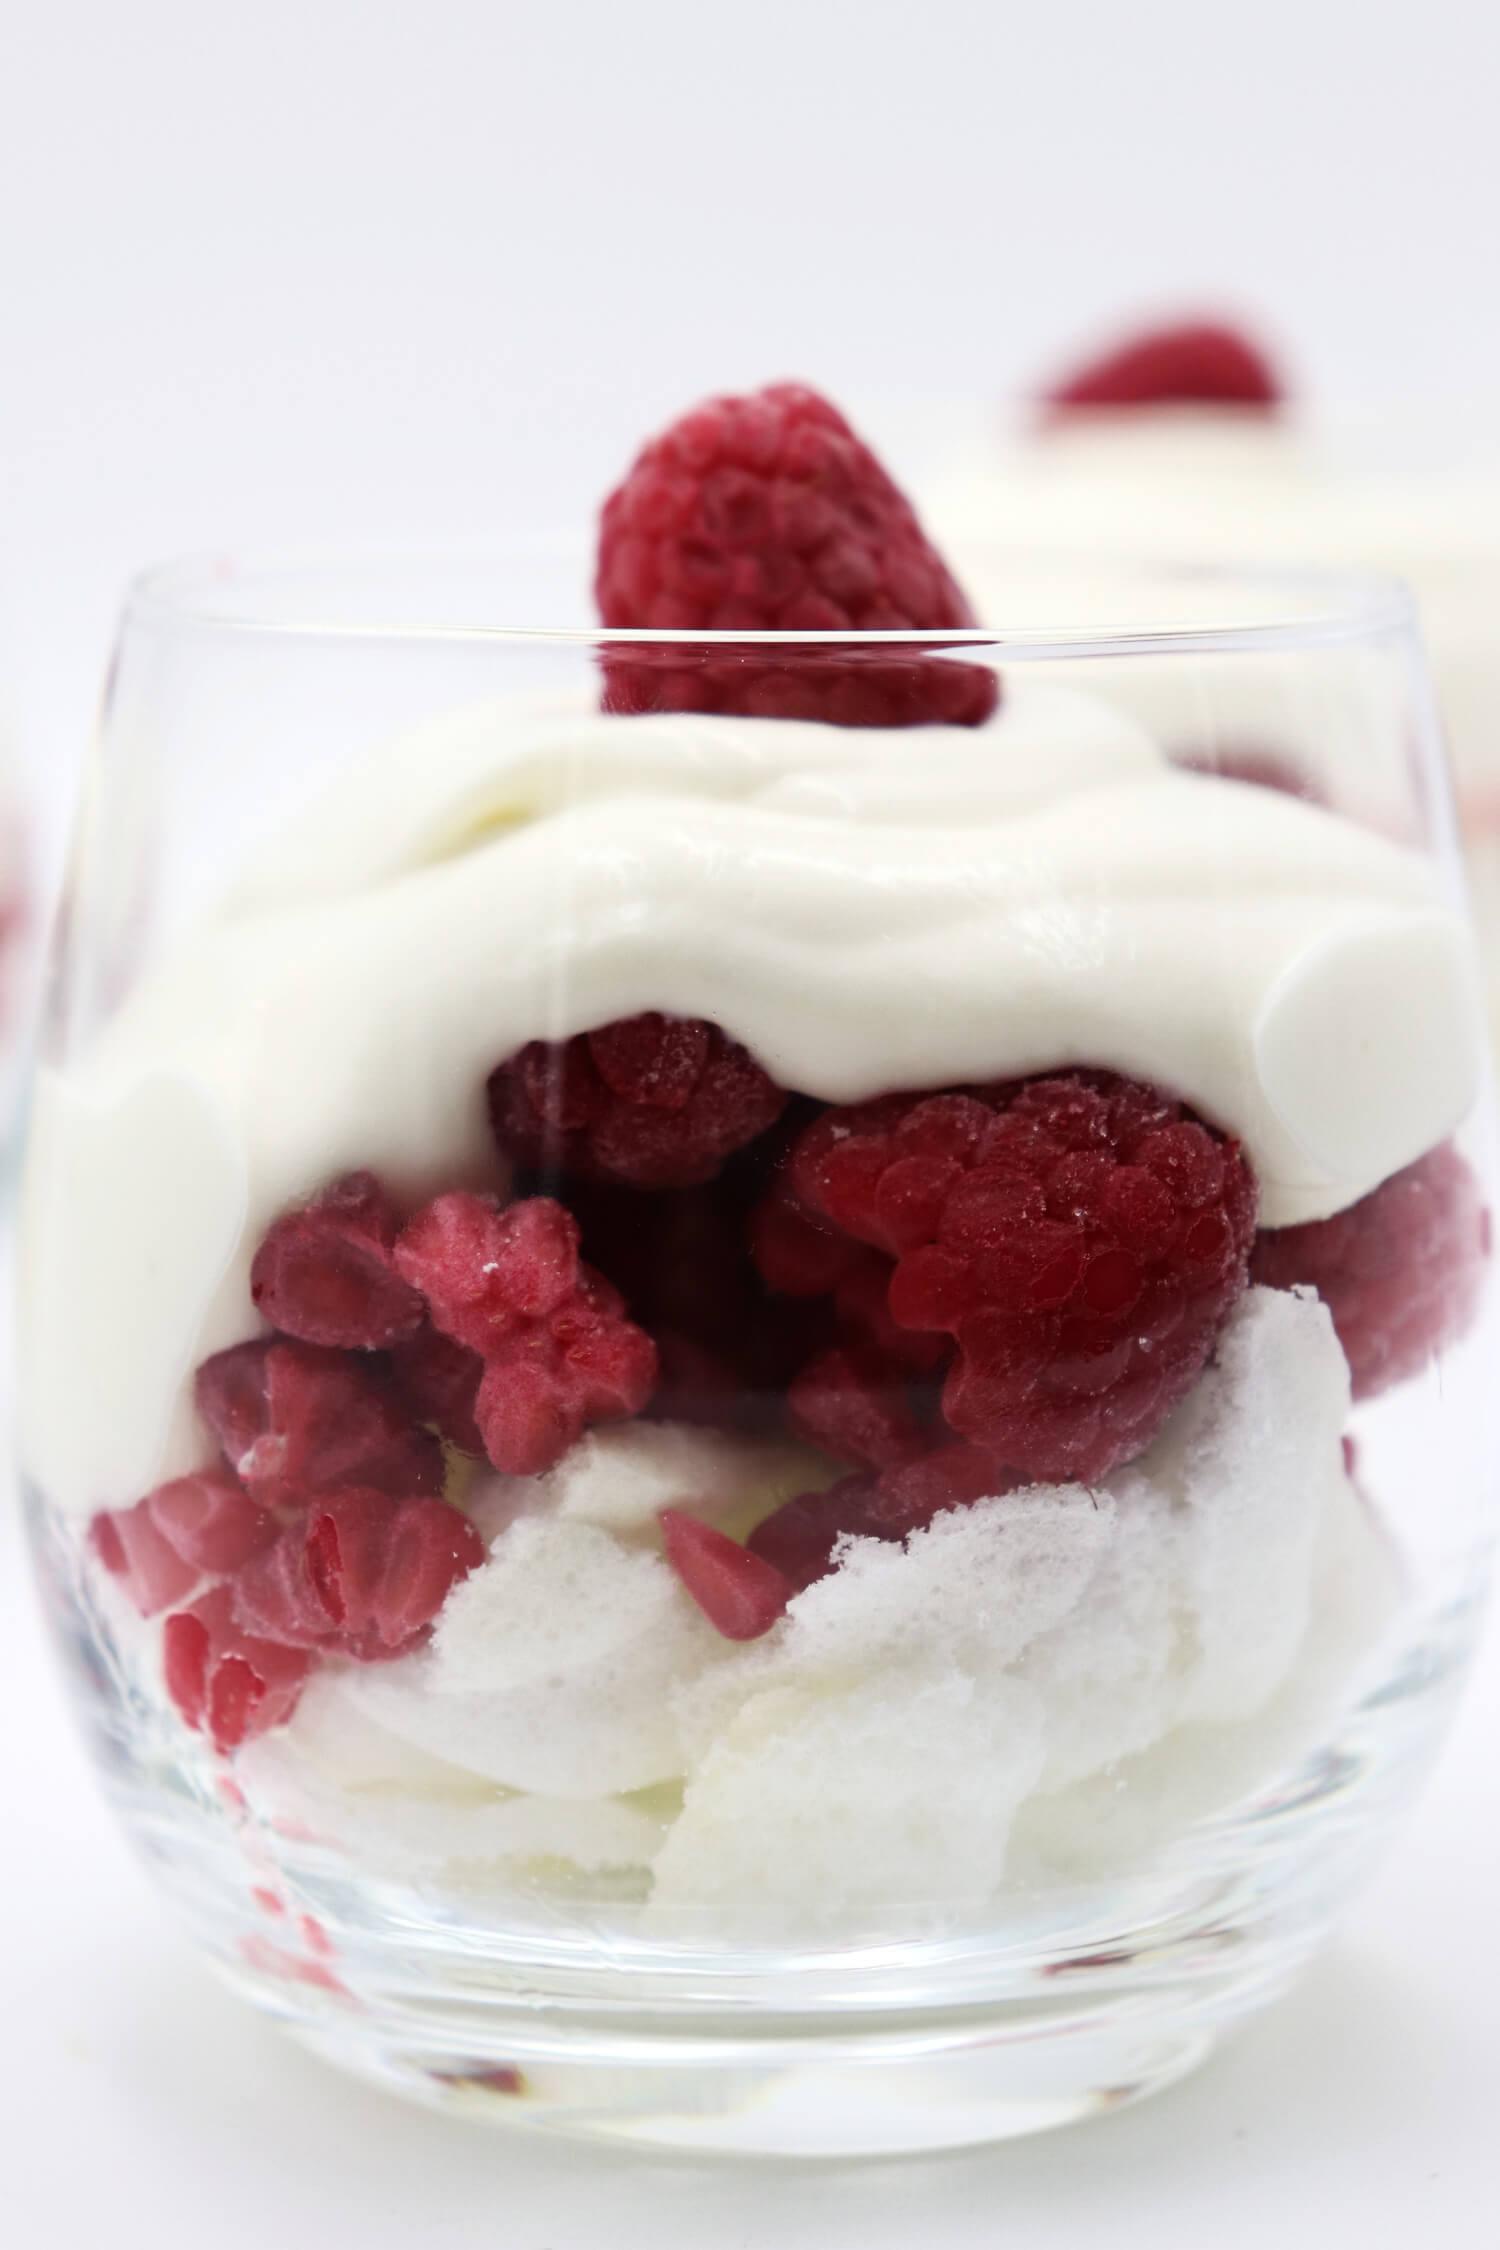 Rezept für Low Carb Dessert im Glas mit Himbeeren, Quark und Baiser.